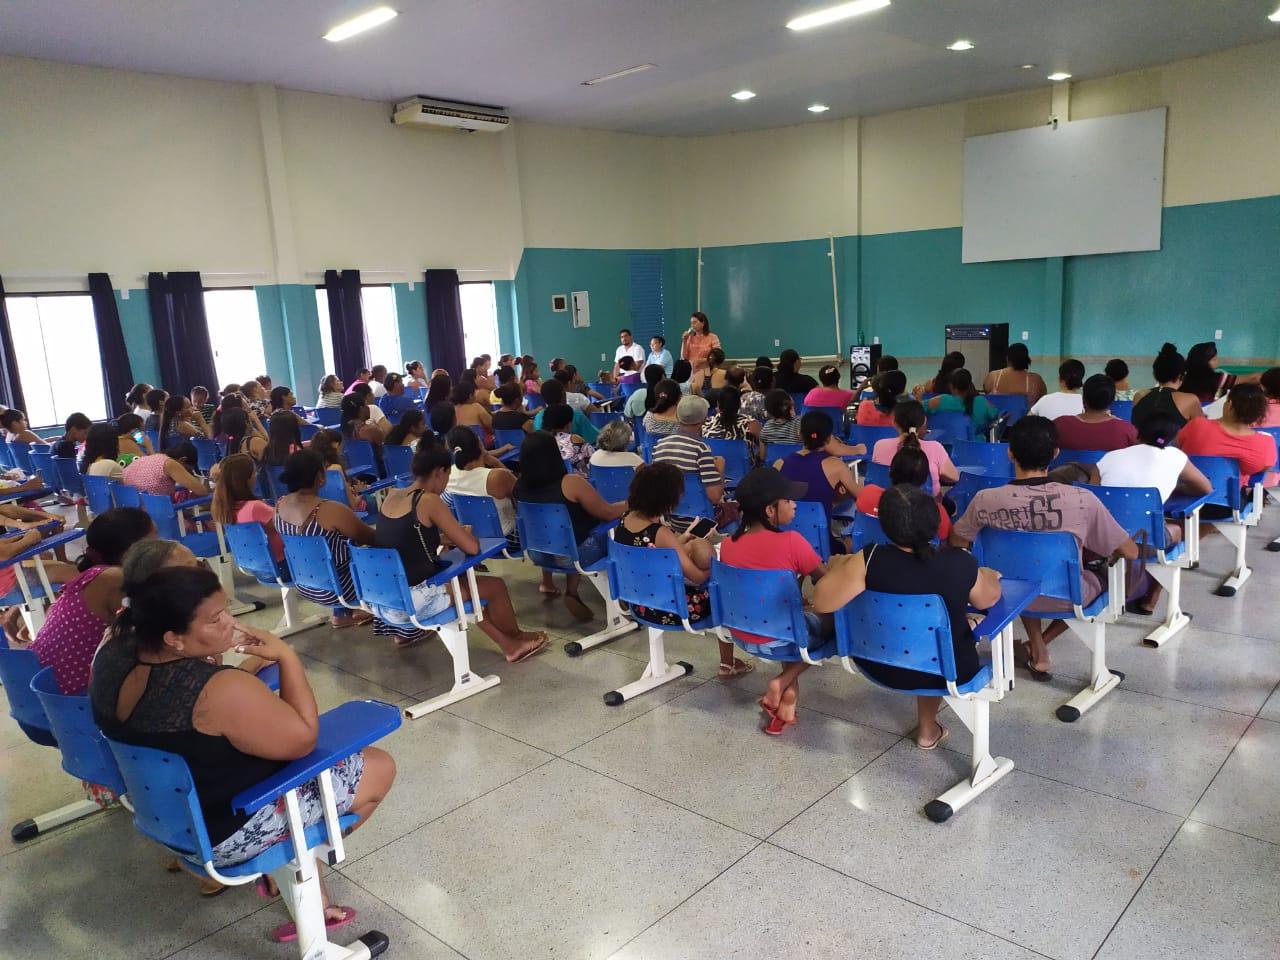 Bolsa Família divulga calendário de reuniões com beneficiários na Capital